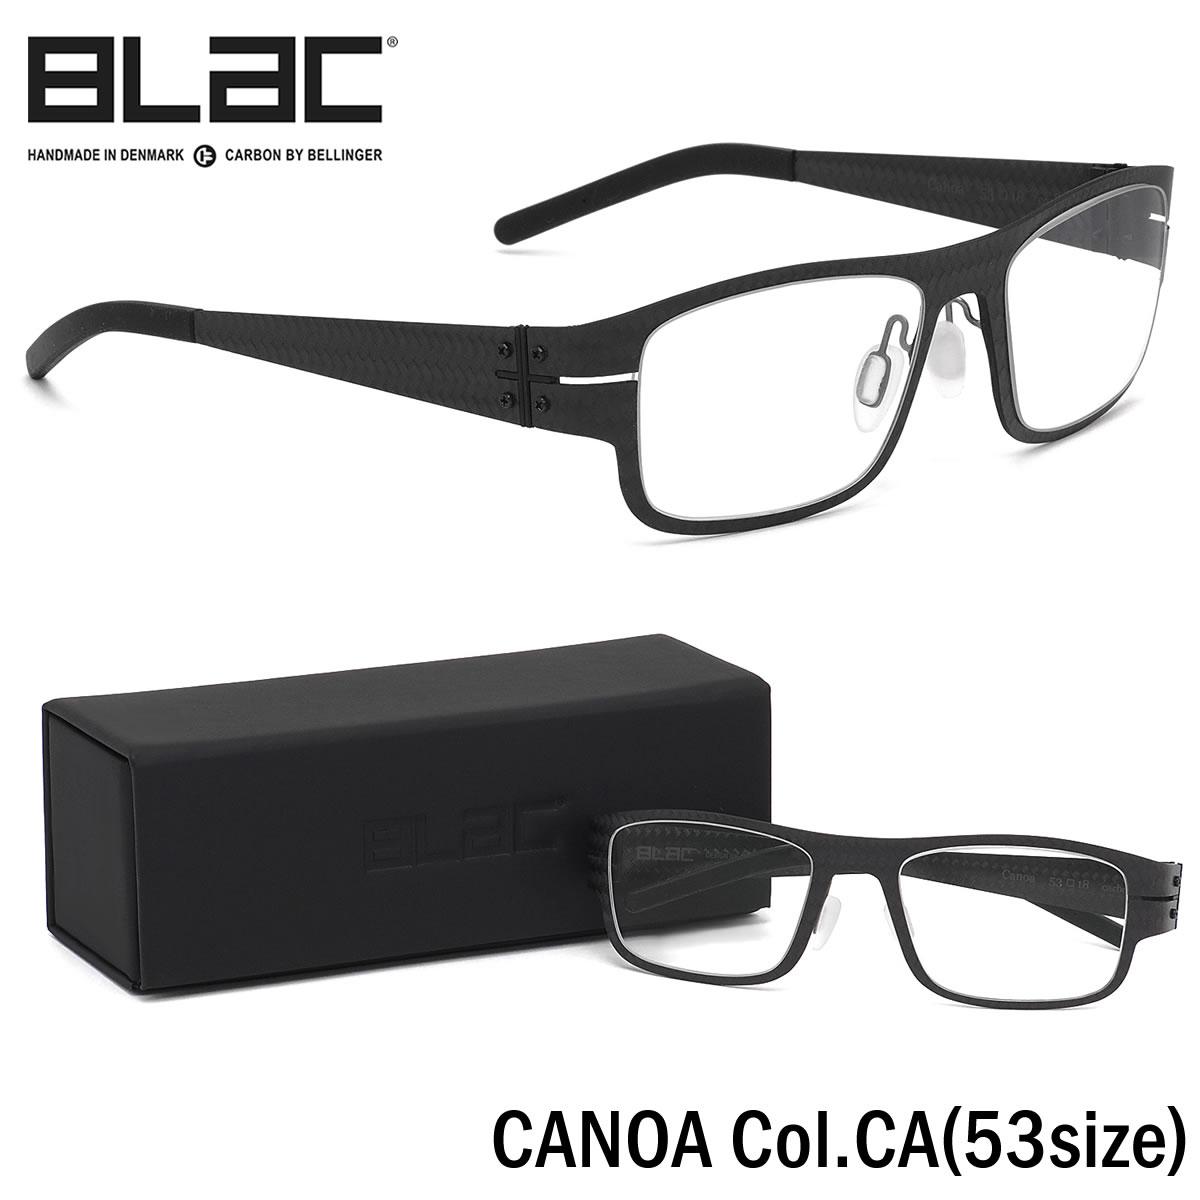 ほぼ全品ポイント15倍~20倍+15倍+2倍 ブラック BLaC メガネCANOA CA 53サイズCANOA カーボンファイバー CARBON FIBER アーバン スクエア シャープブラック BLaC メンズ レディース